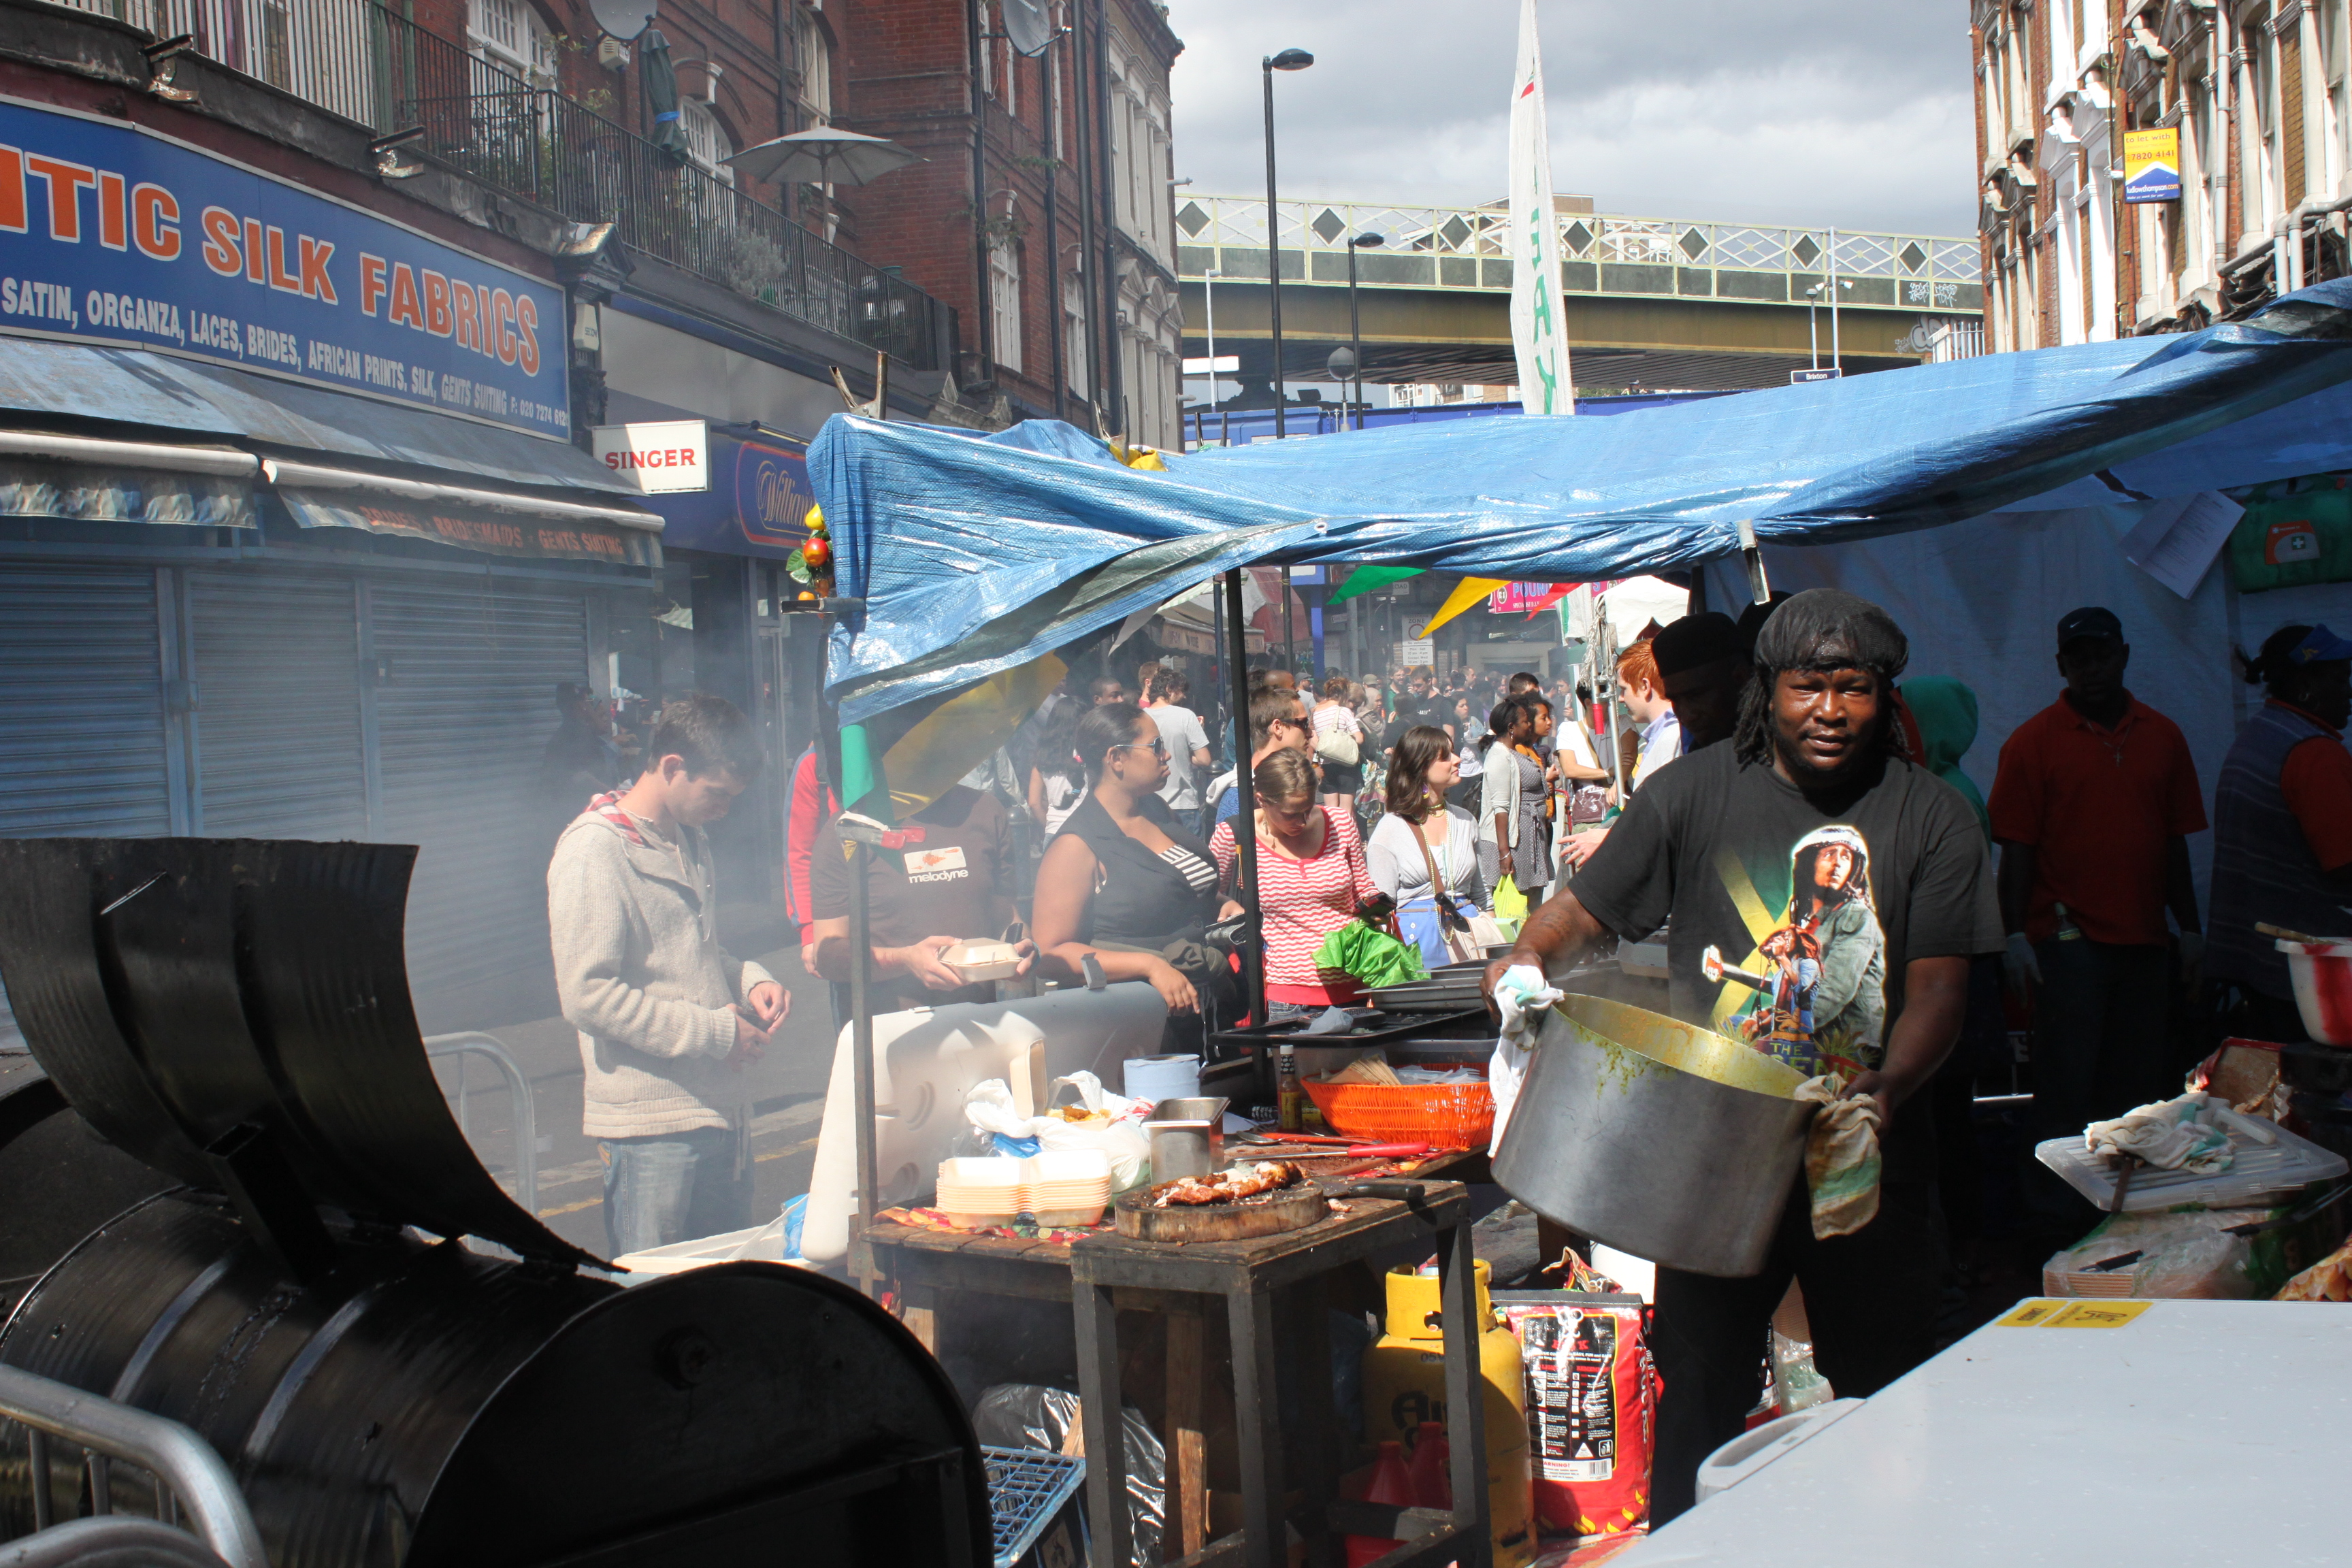 Still selling Caribbean food